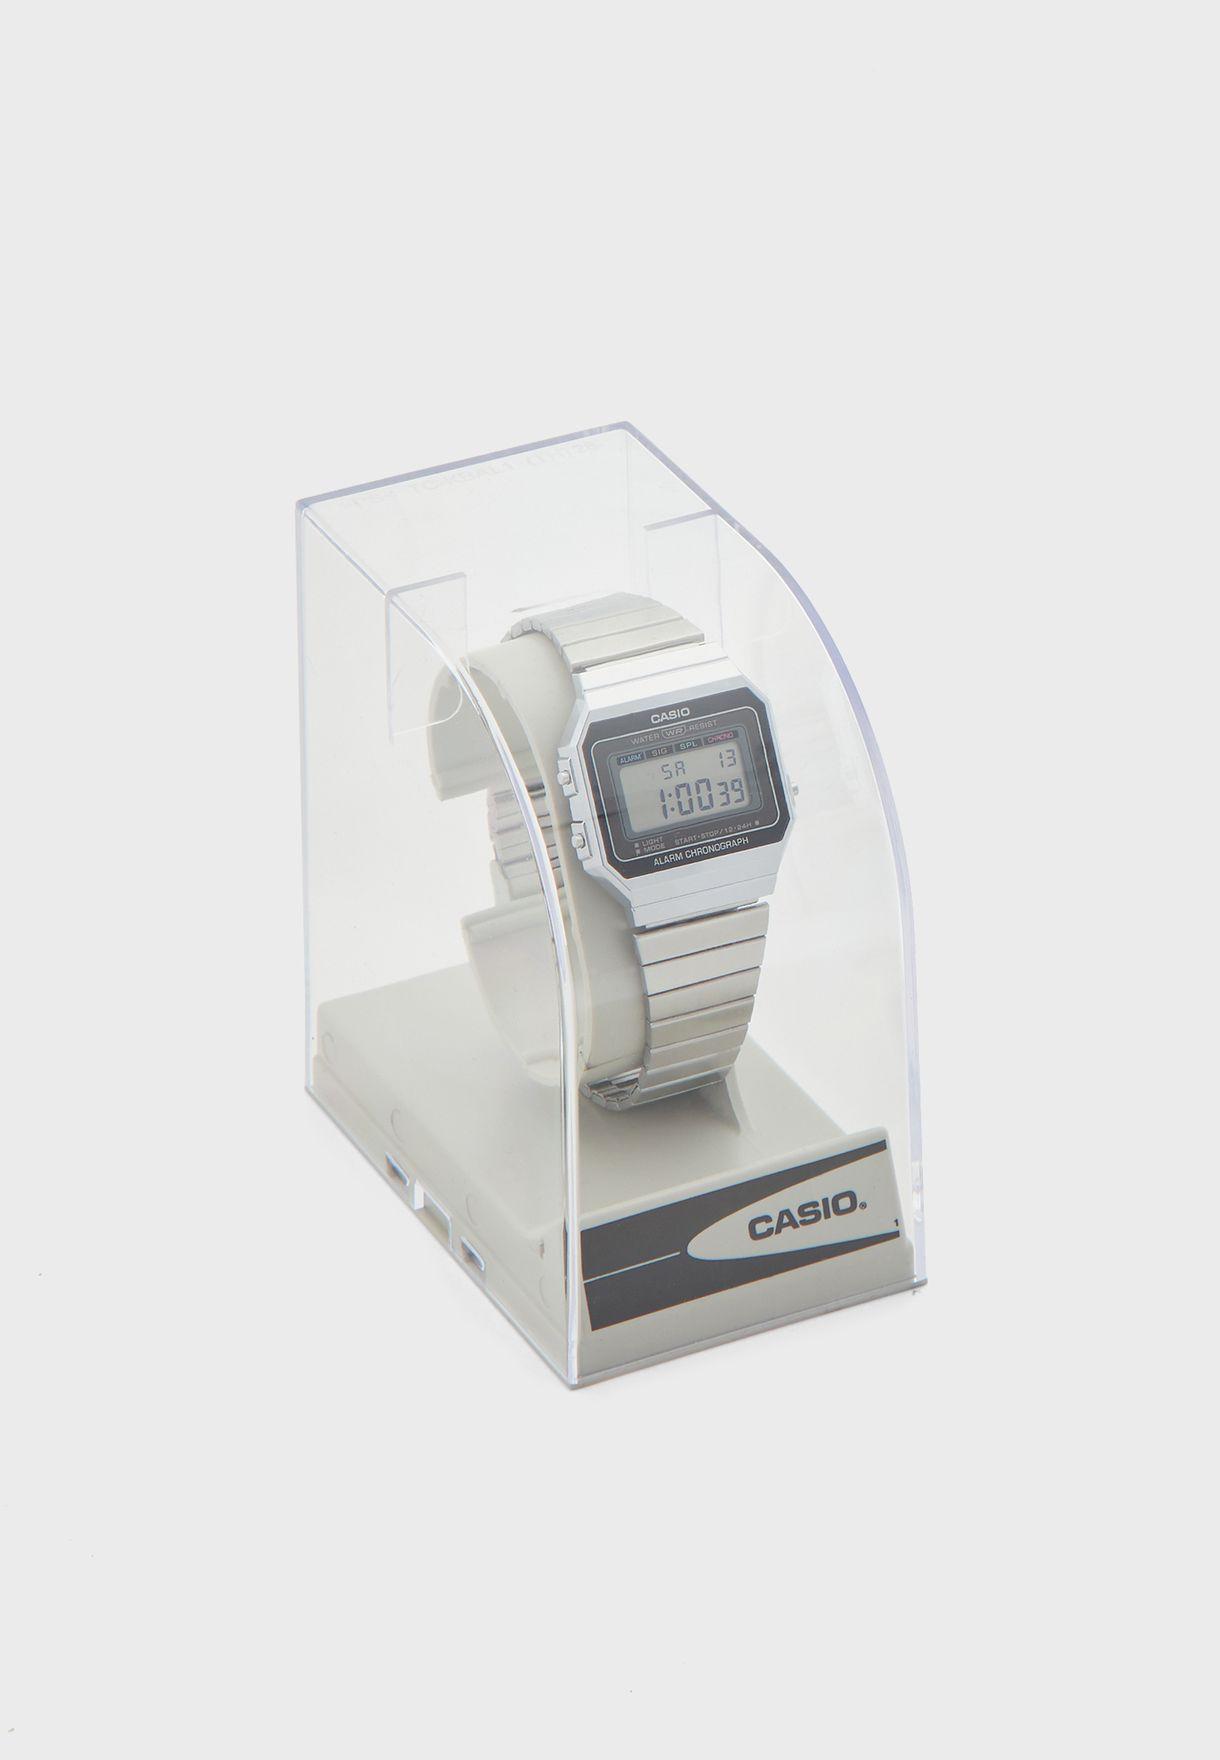 ساعة ديجيتال عصرية